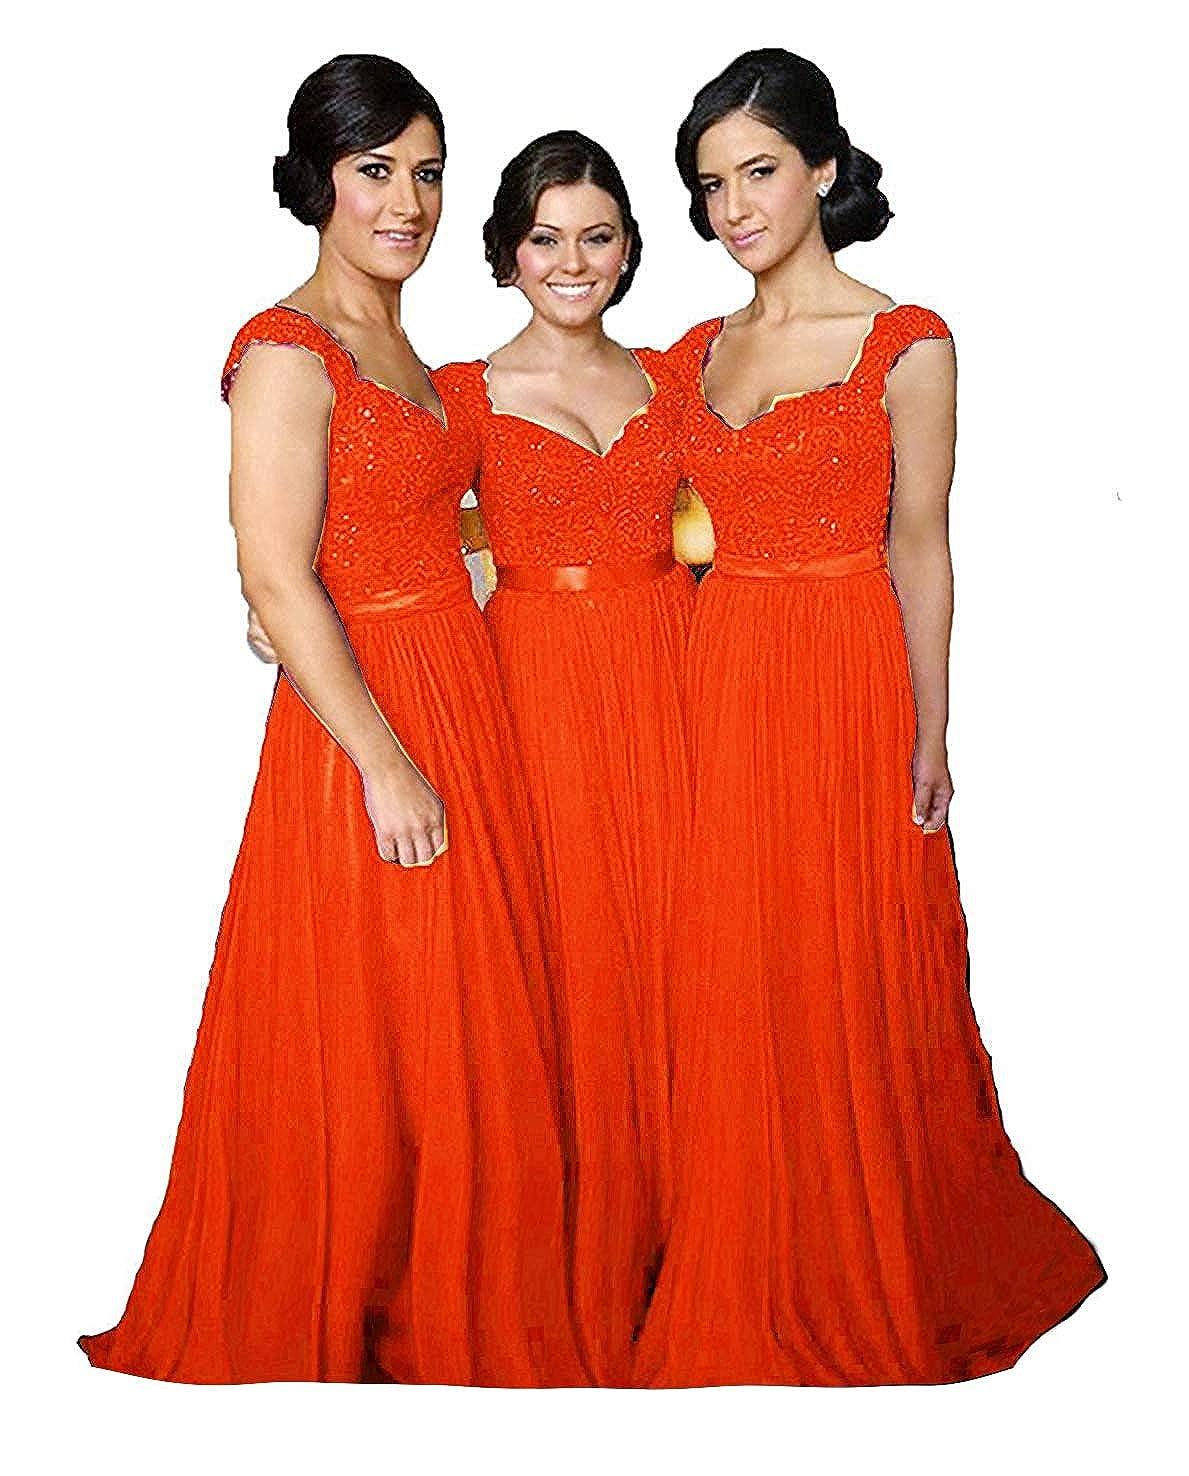 Fire orange Fanciest Women' Cap Sleeve Lace Bridesmaid Dresses Long Wedding Party Gowns